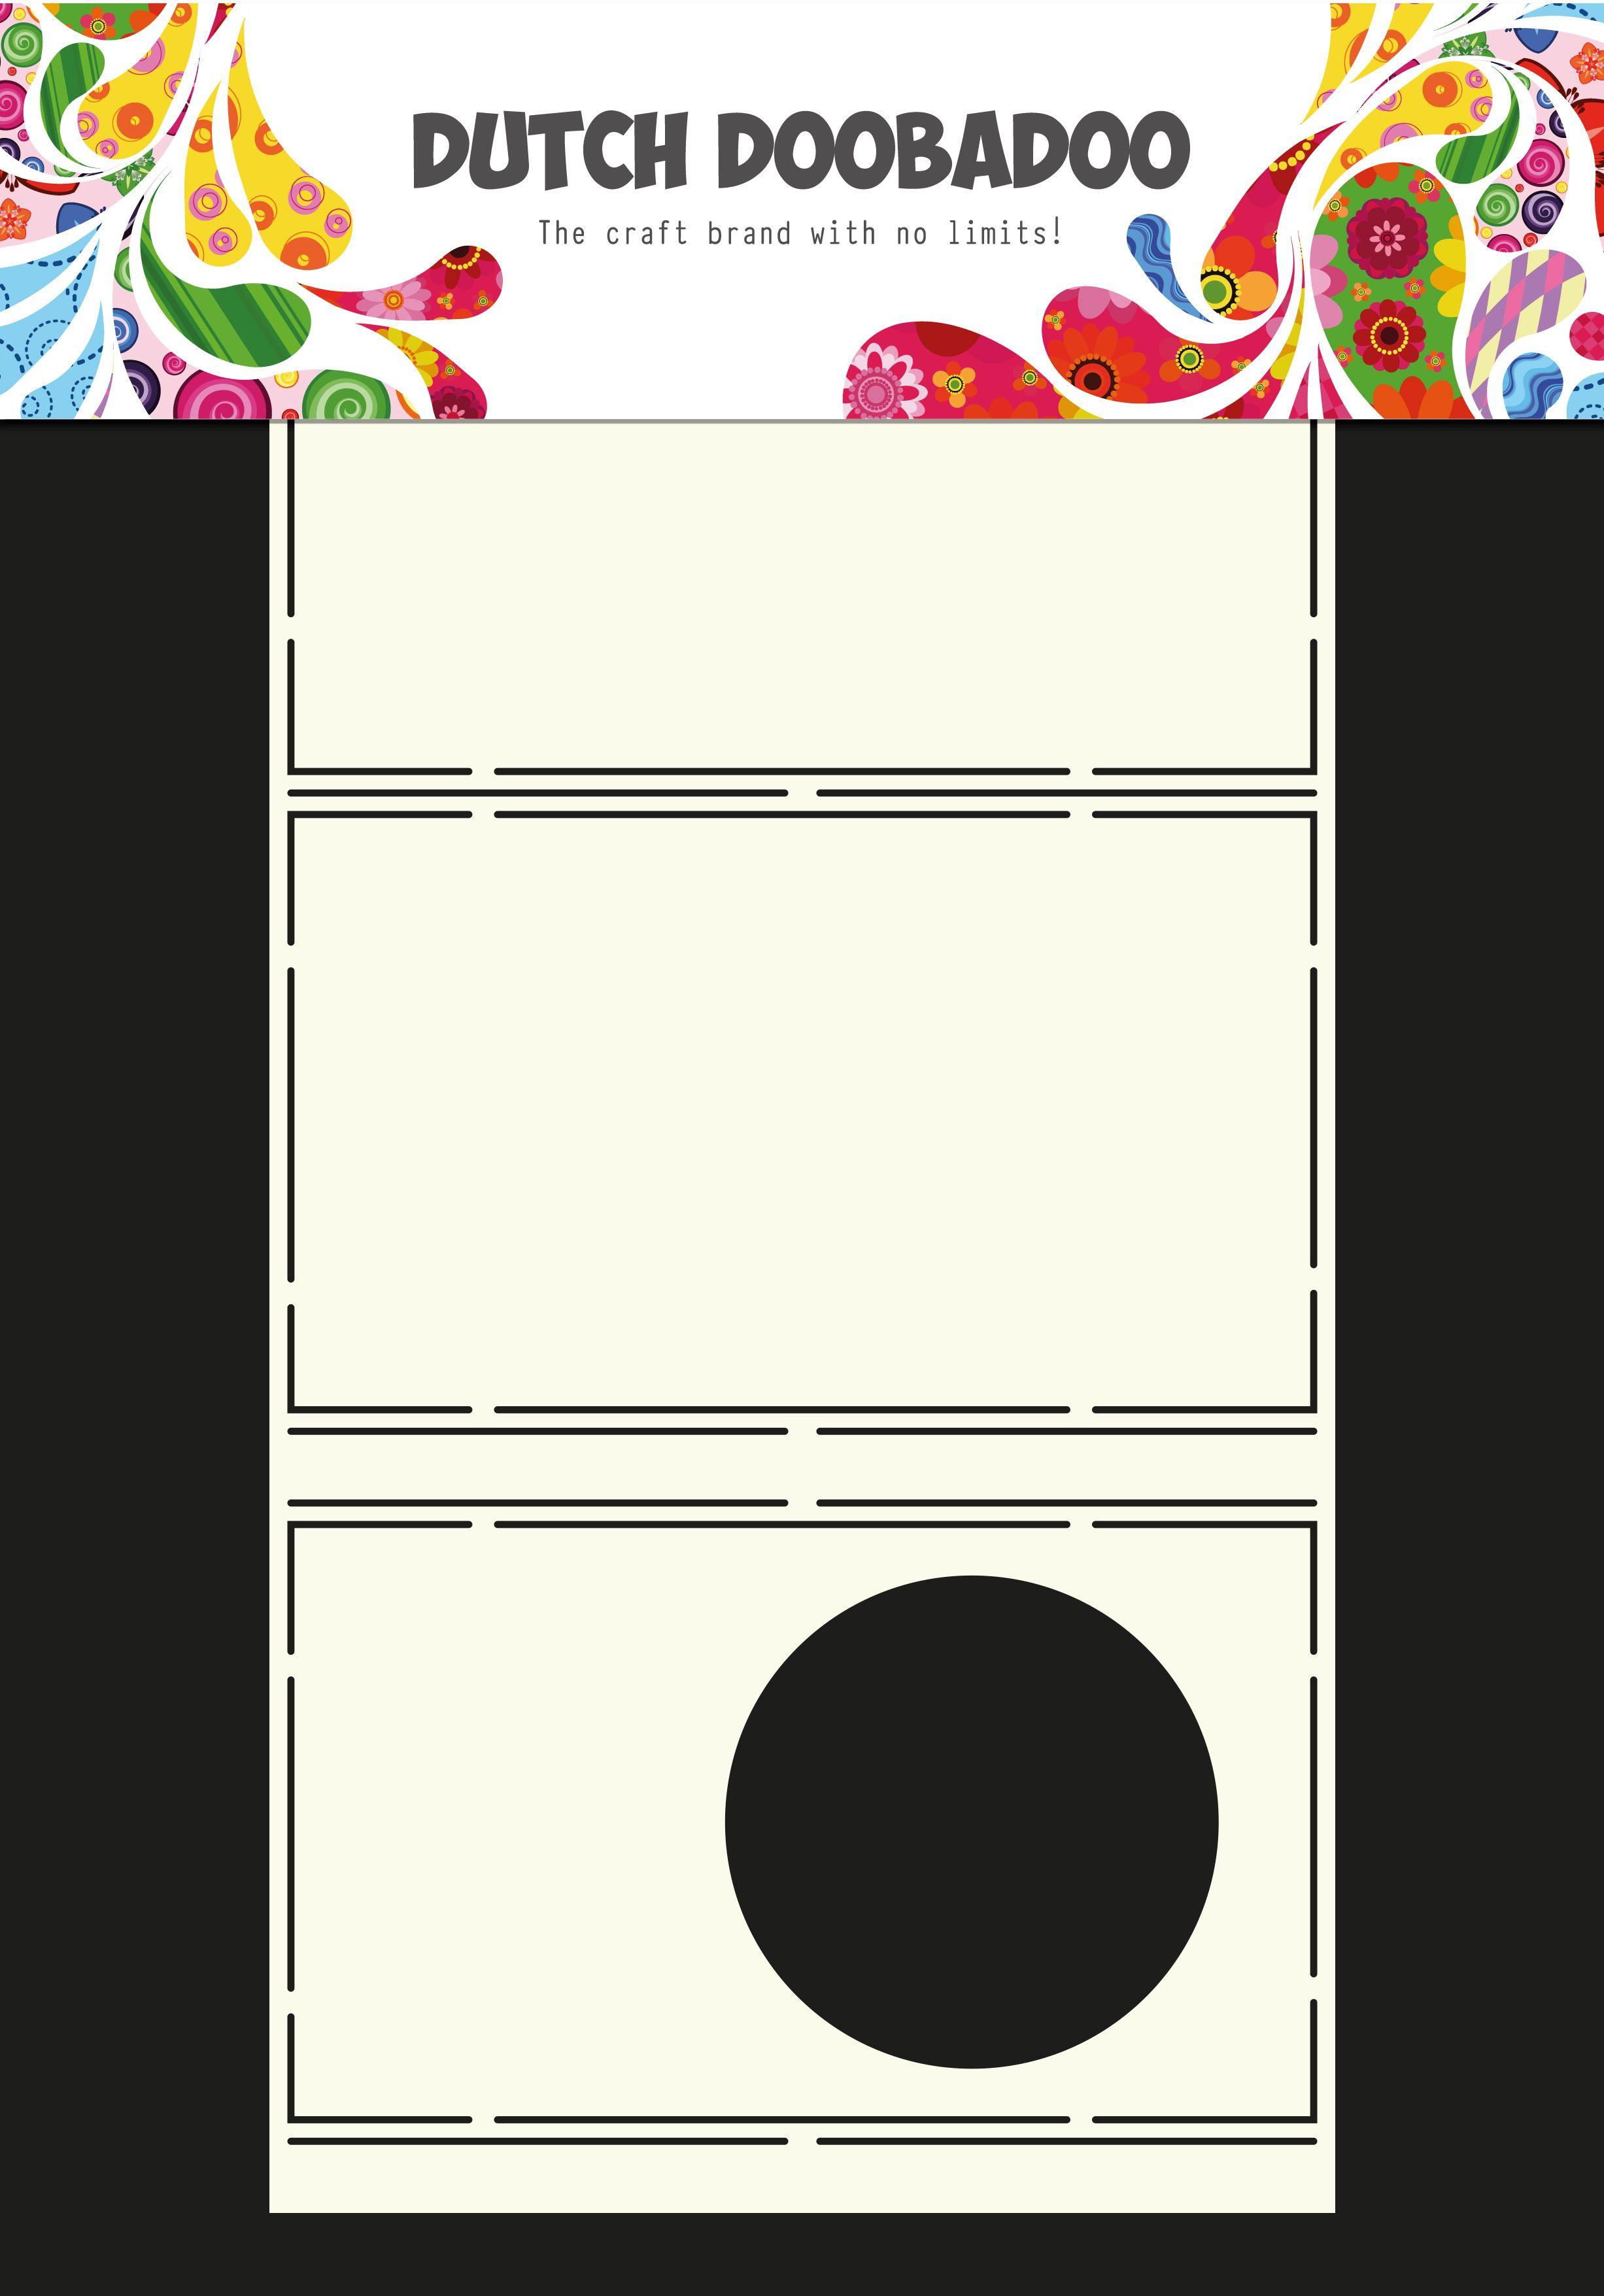 470.713.325 Dutch Doobadoo Card Art Pop Up Circle | 470.713.325 ...